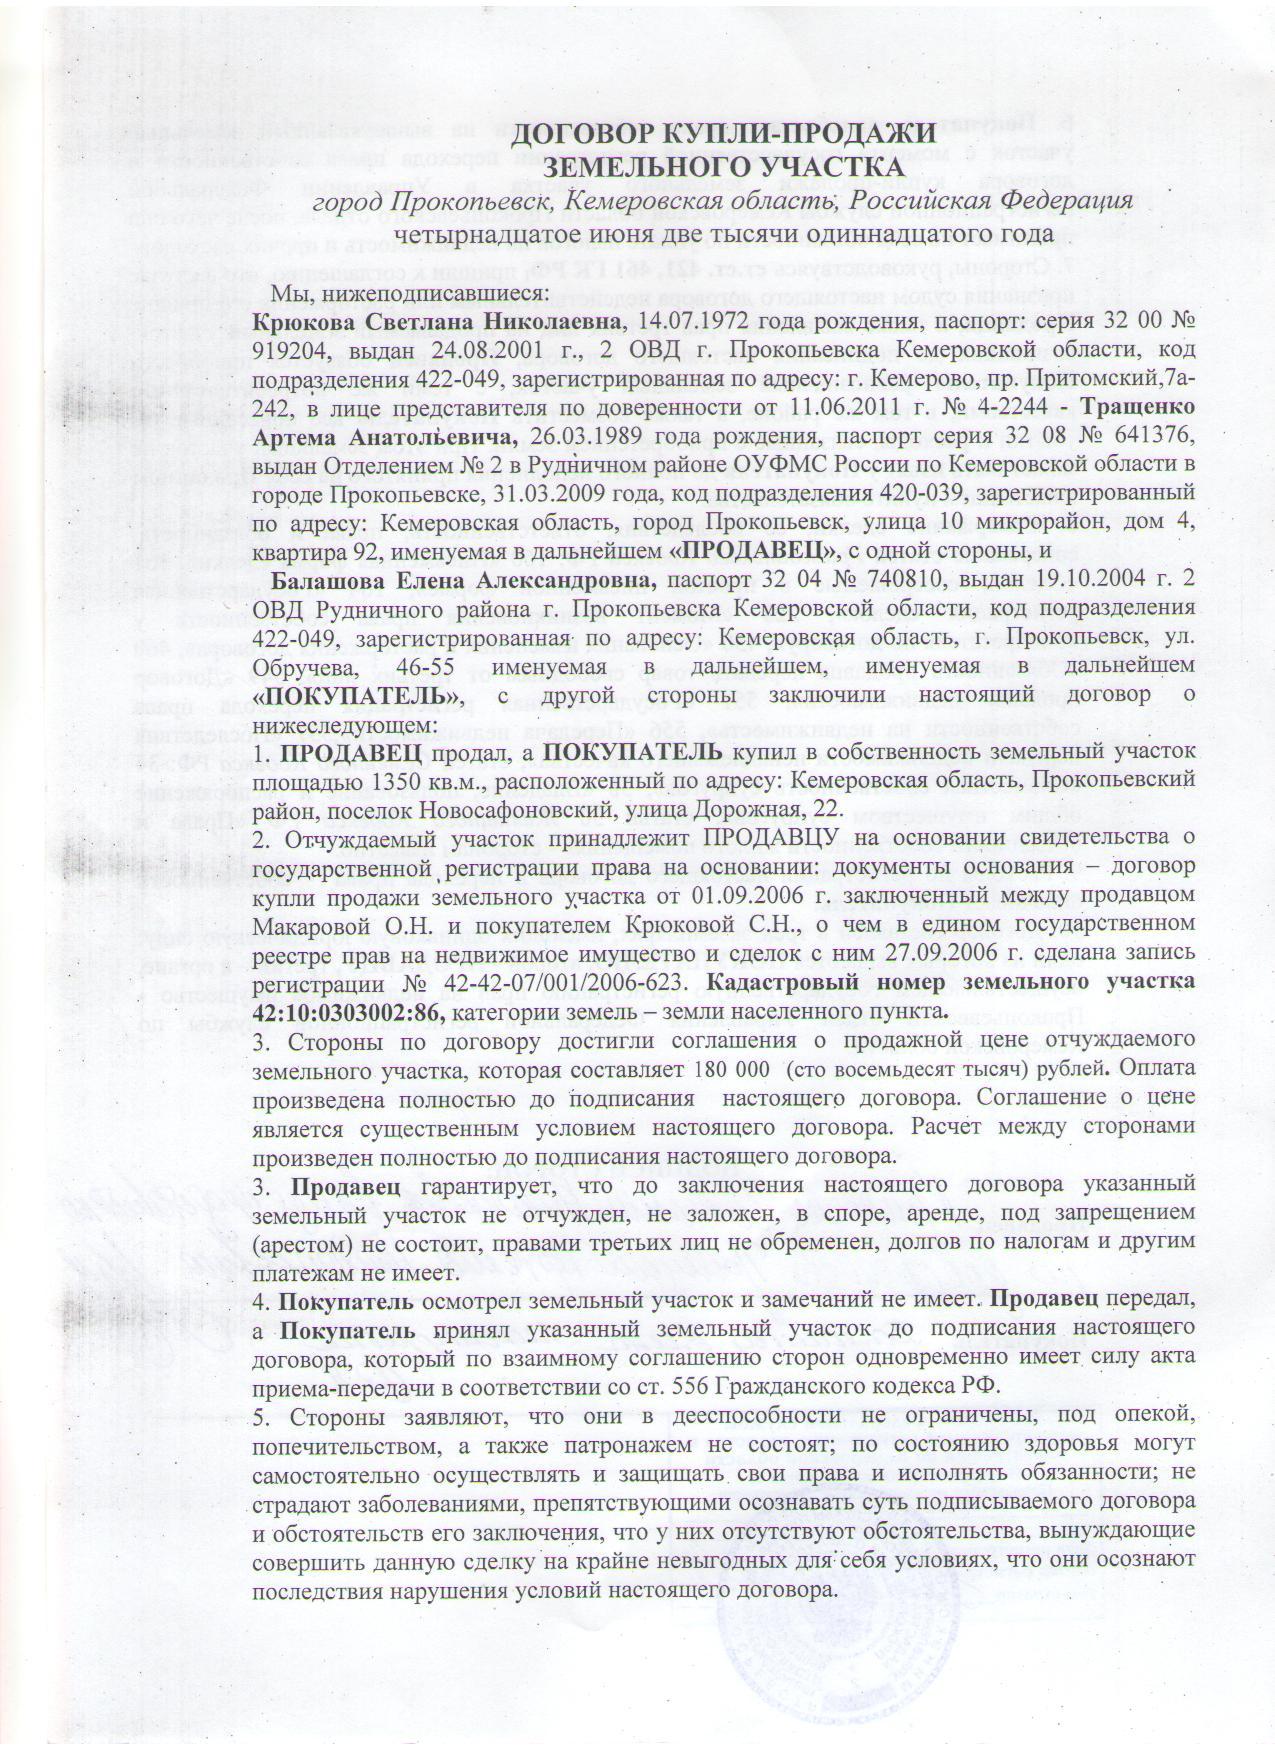 Договор инвестирования (инвестиционный договор)